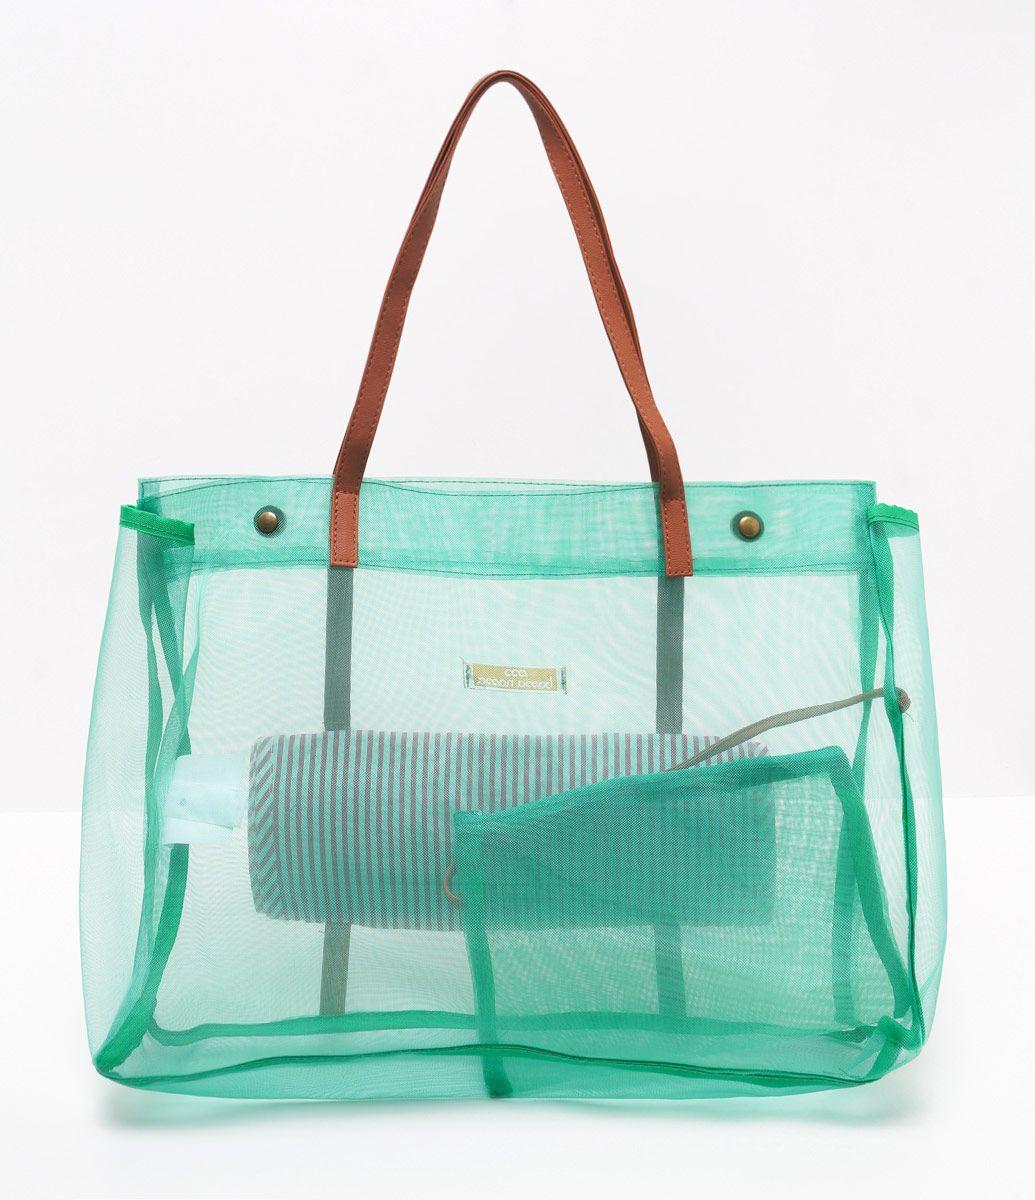 108c3f4492c45 Bolsa feminina Modelo praia Alças em material sintético Acompanha esteira  de palha Material  tela Marca